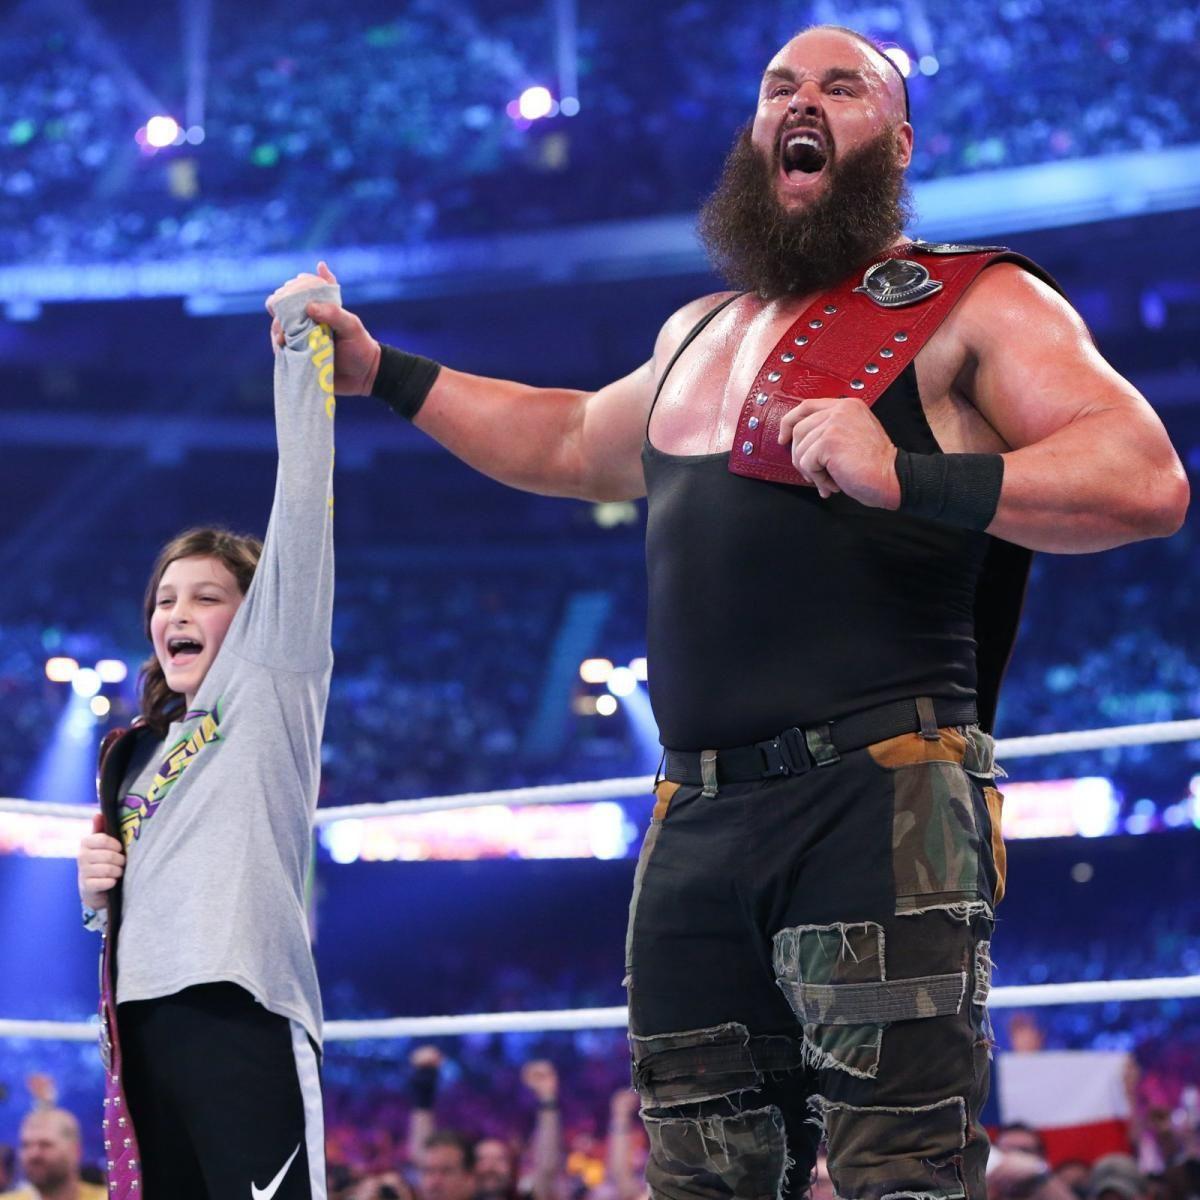 Fill him up raw tag team